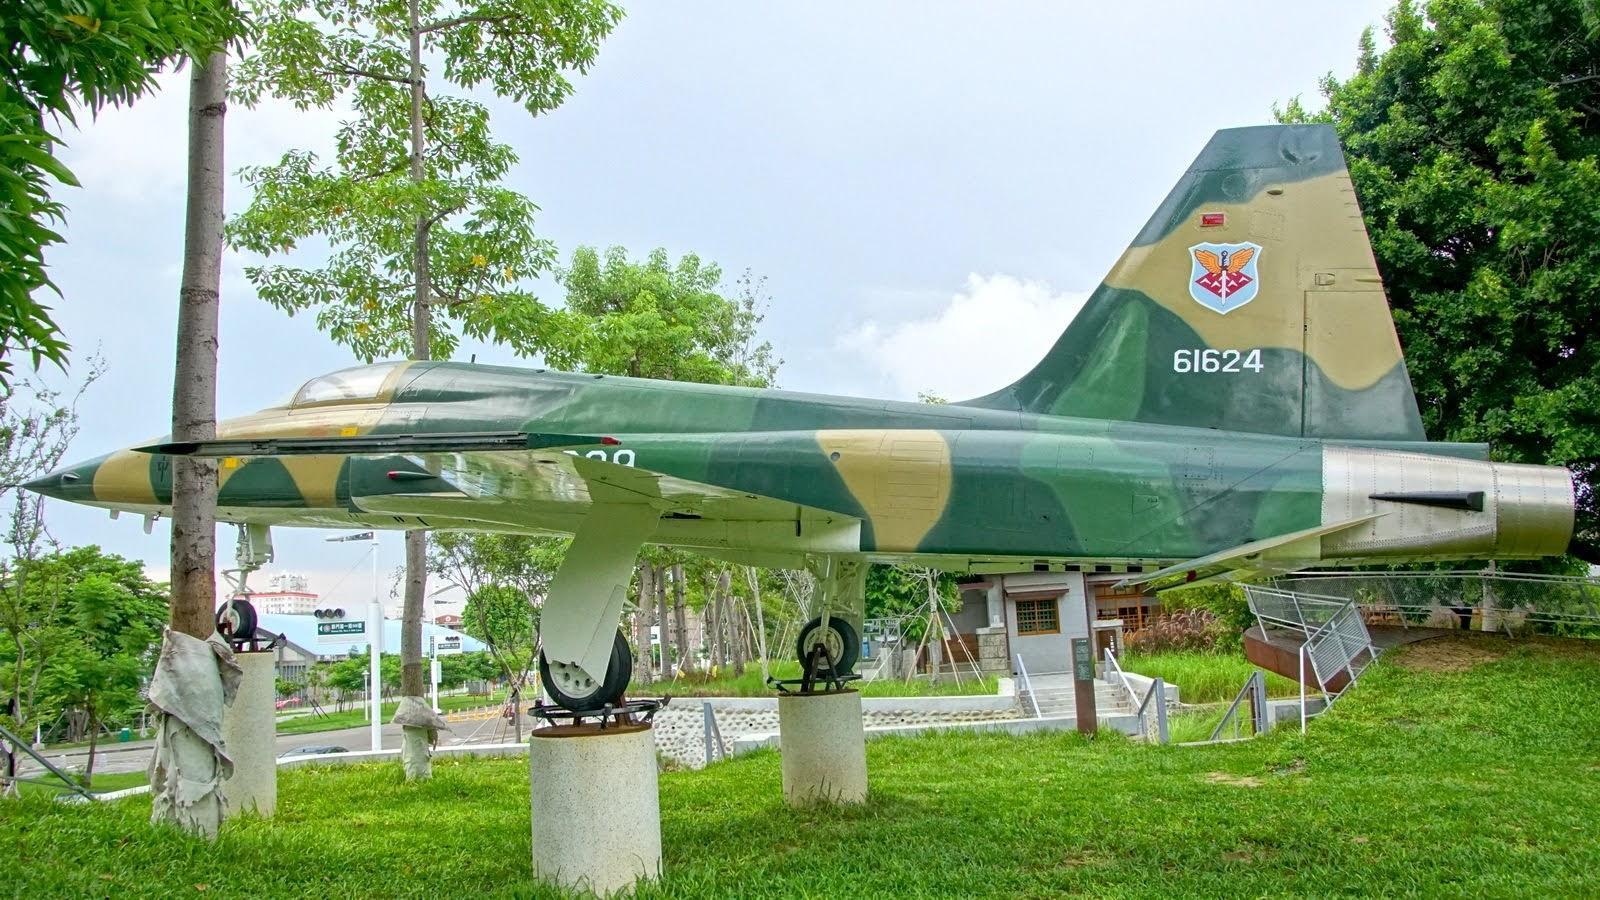 [台南][南區] 水交社文化園區|好拍快閃遊|空軍雷虎特技小組的故鄉|遊記